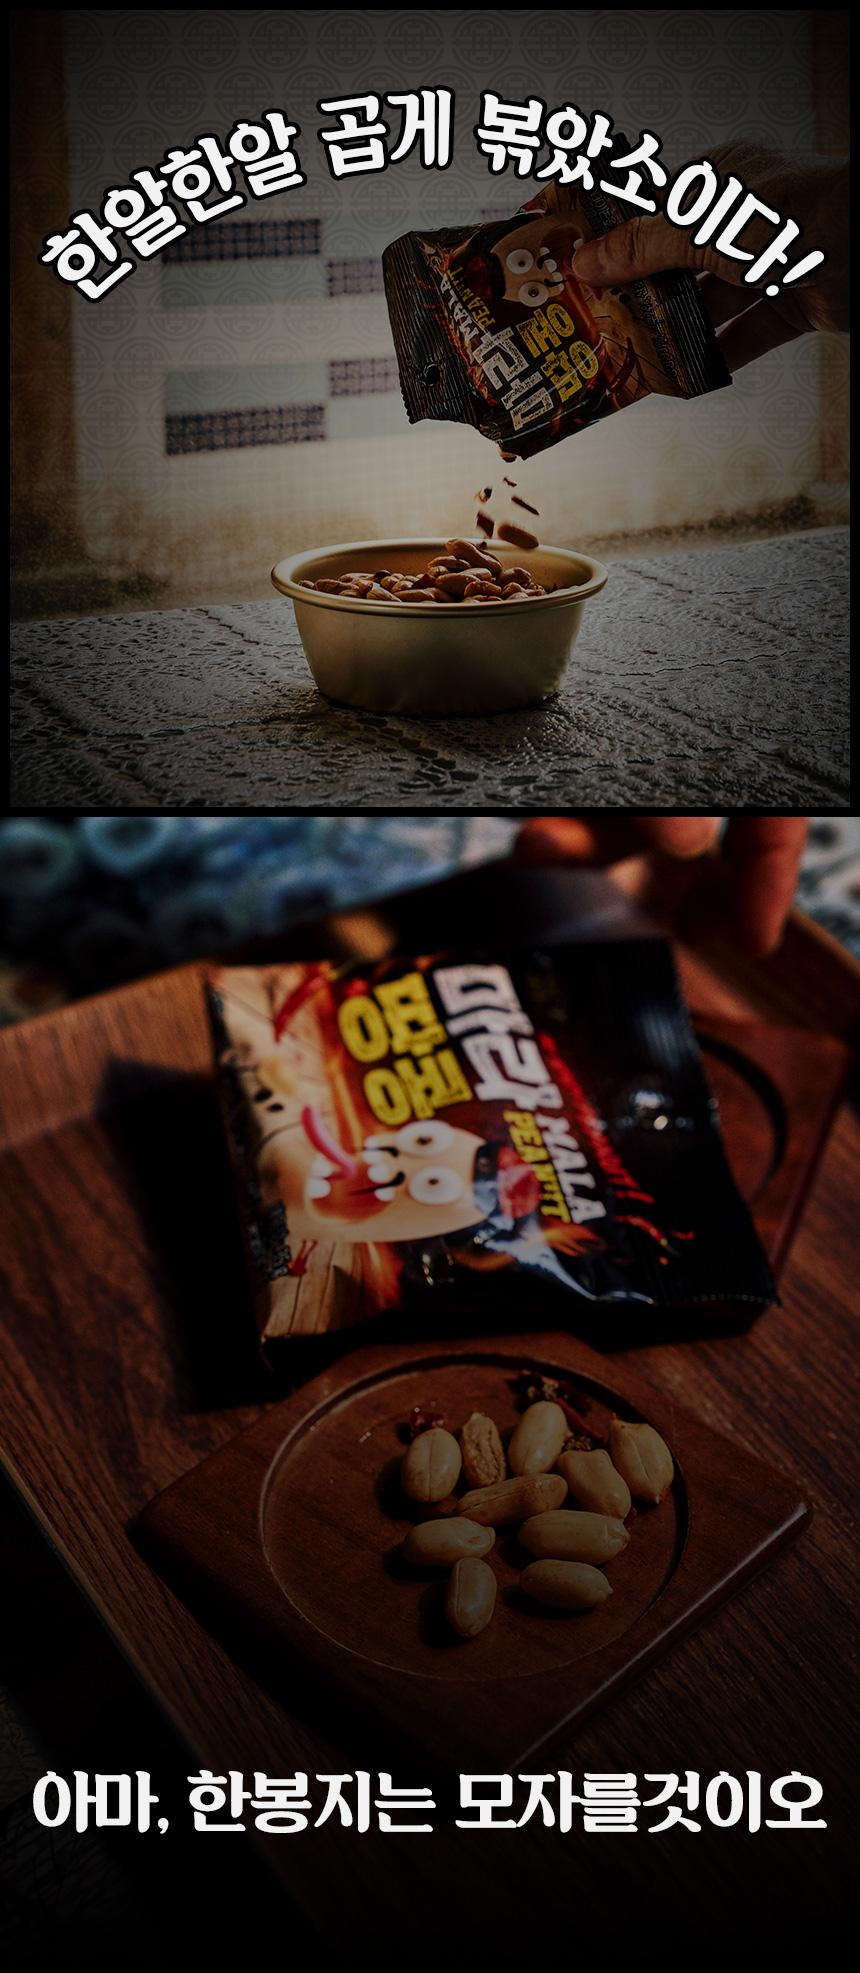 1105_마라땅콩_상세이미지_05.jpg